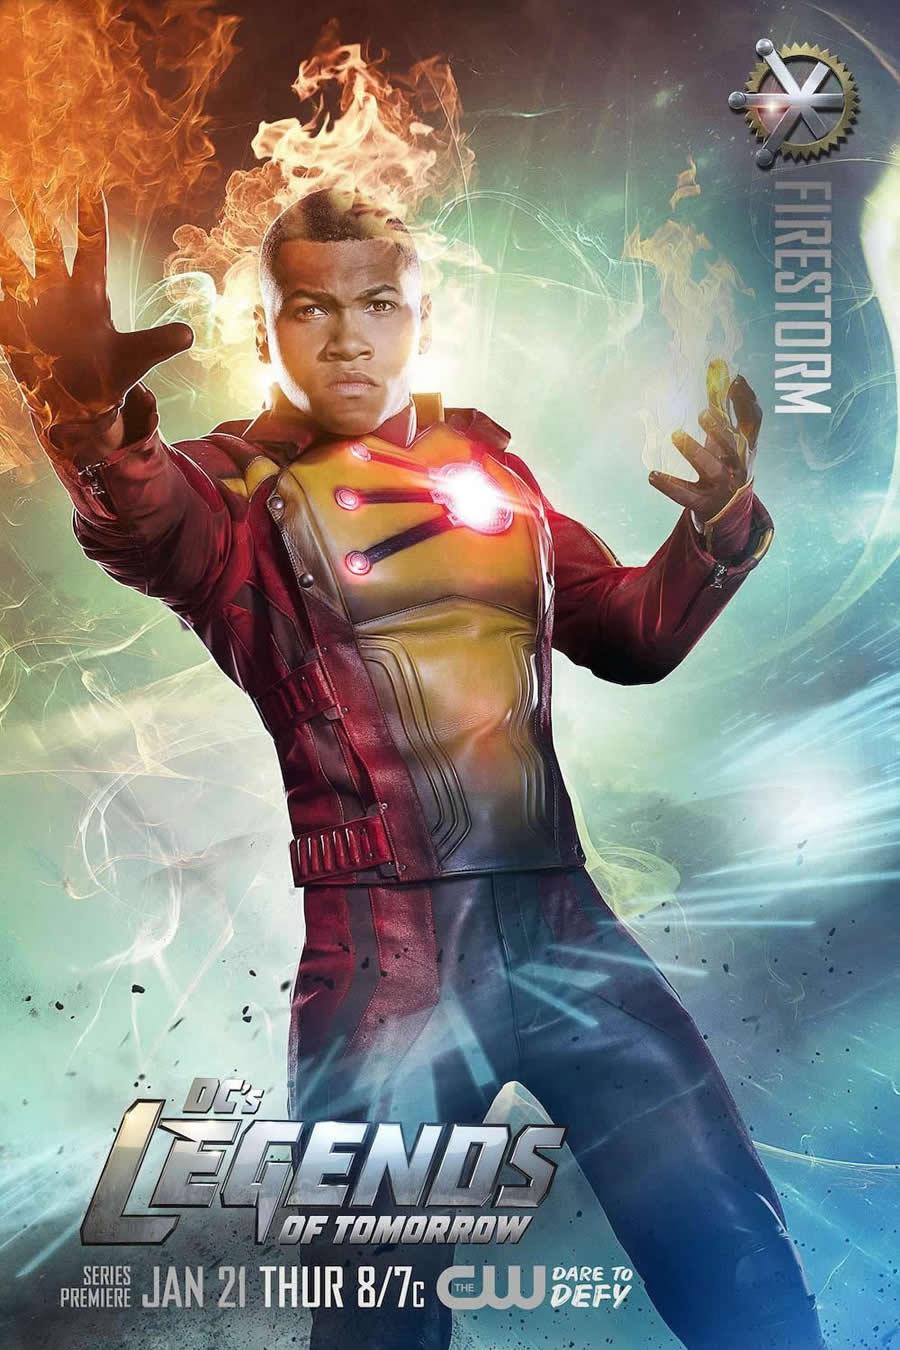 legends-of-tomorrow-revelado-8-posteres-da-nova-serie-da-cw4